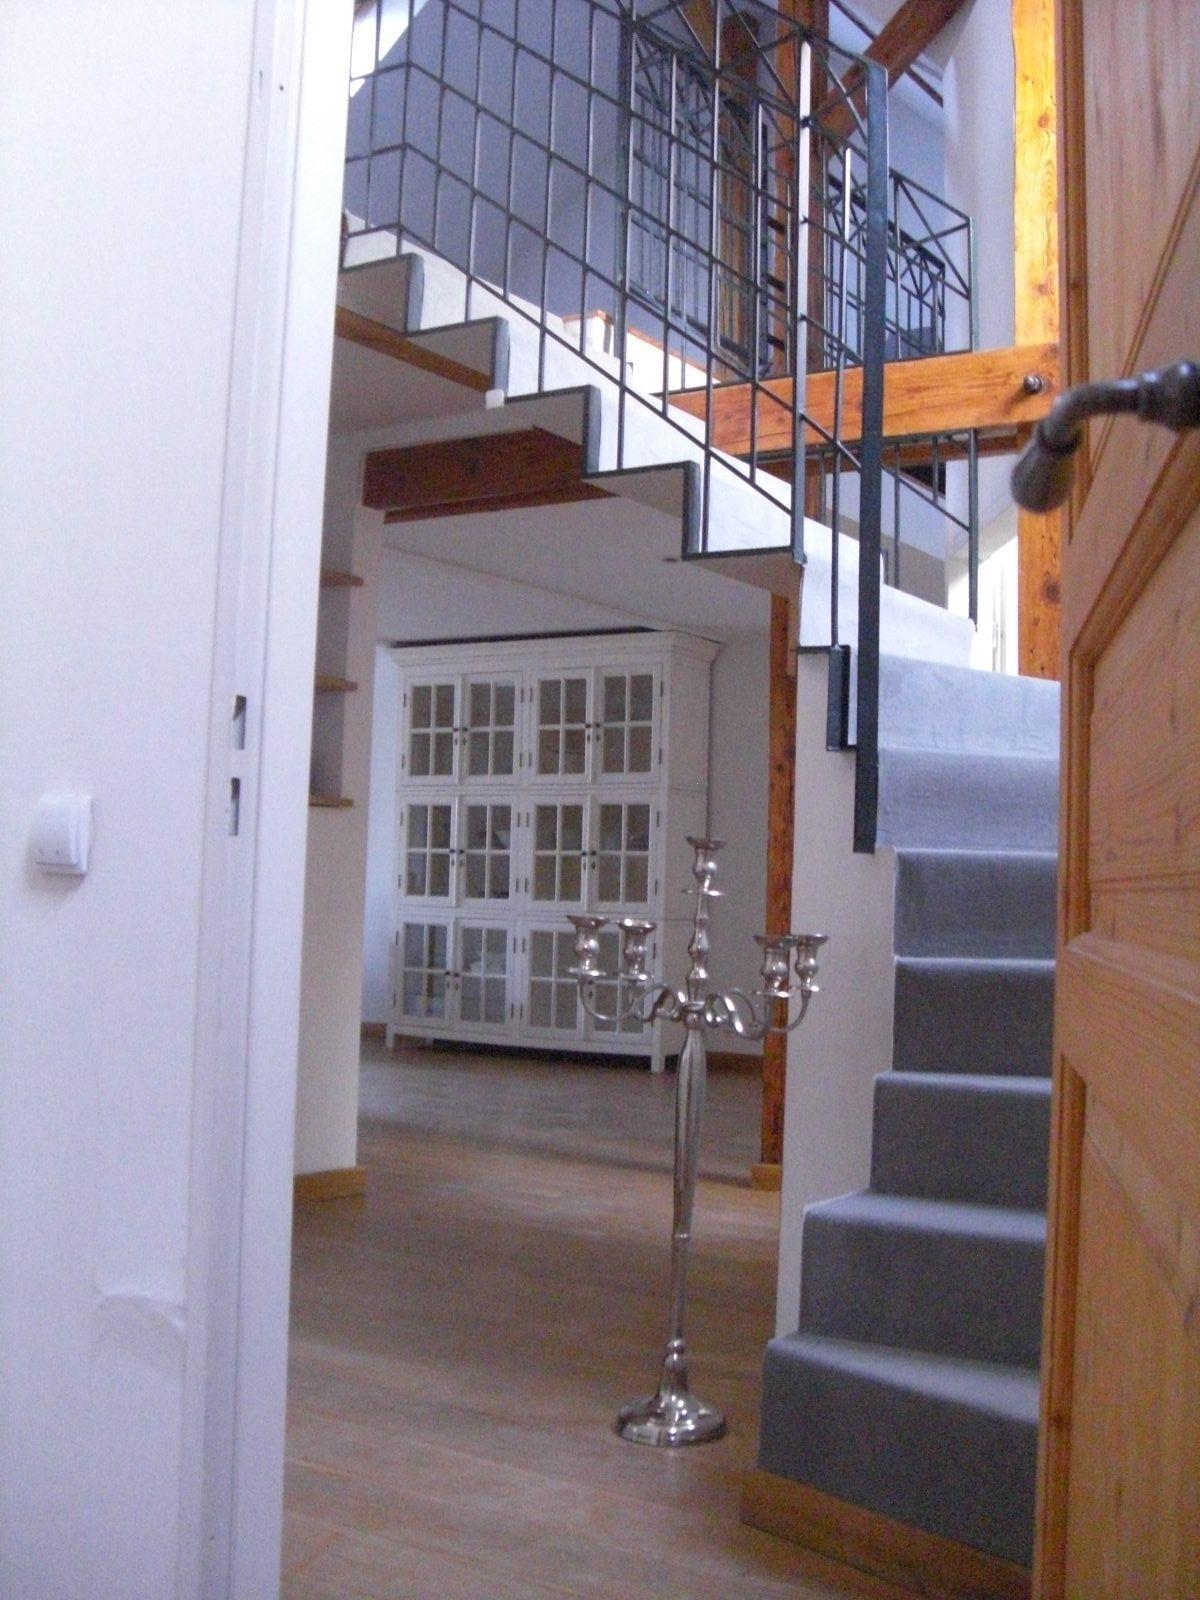 Treppe Im Wohnzimmer : wohnzimmer treppe zur galerie favorite places spaces home decor decor und places ~ Watch28wear.com Haus und Dekorationen